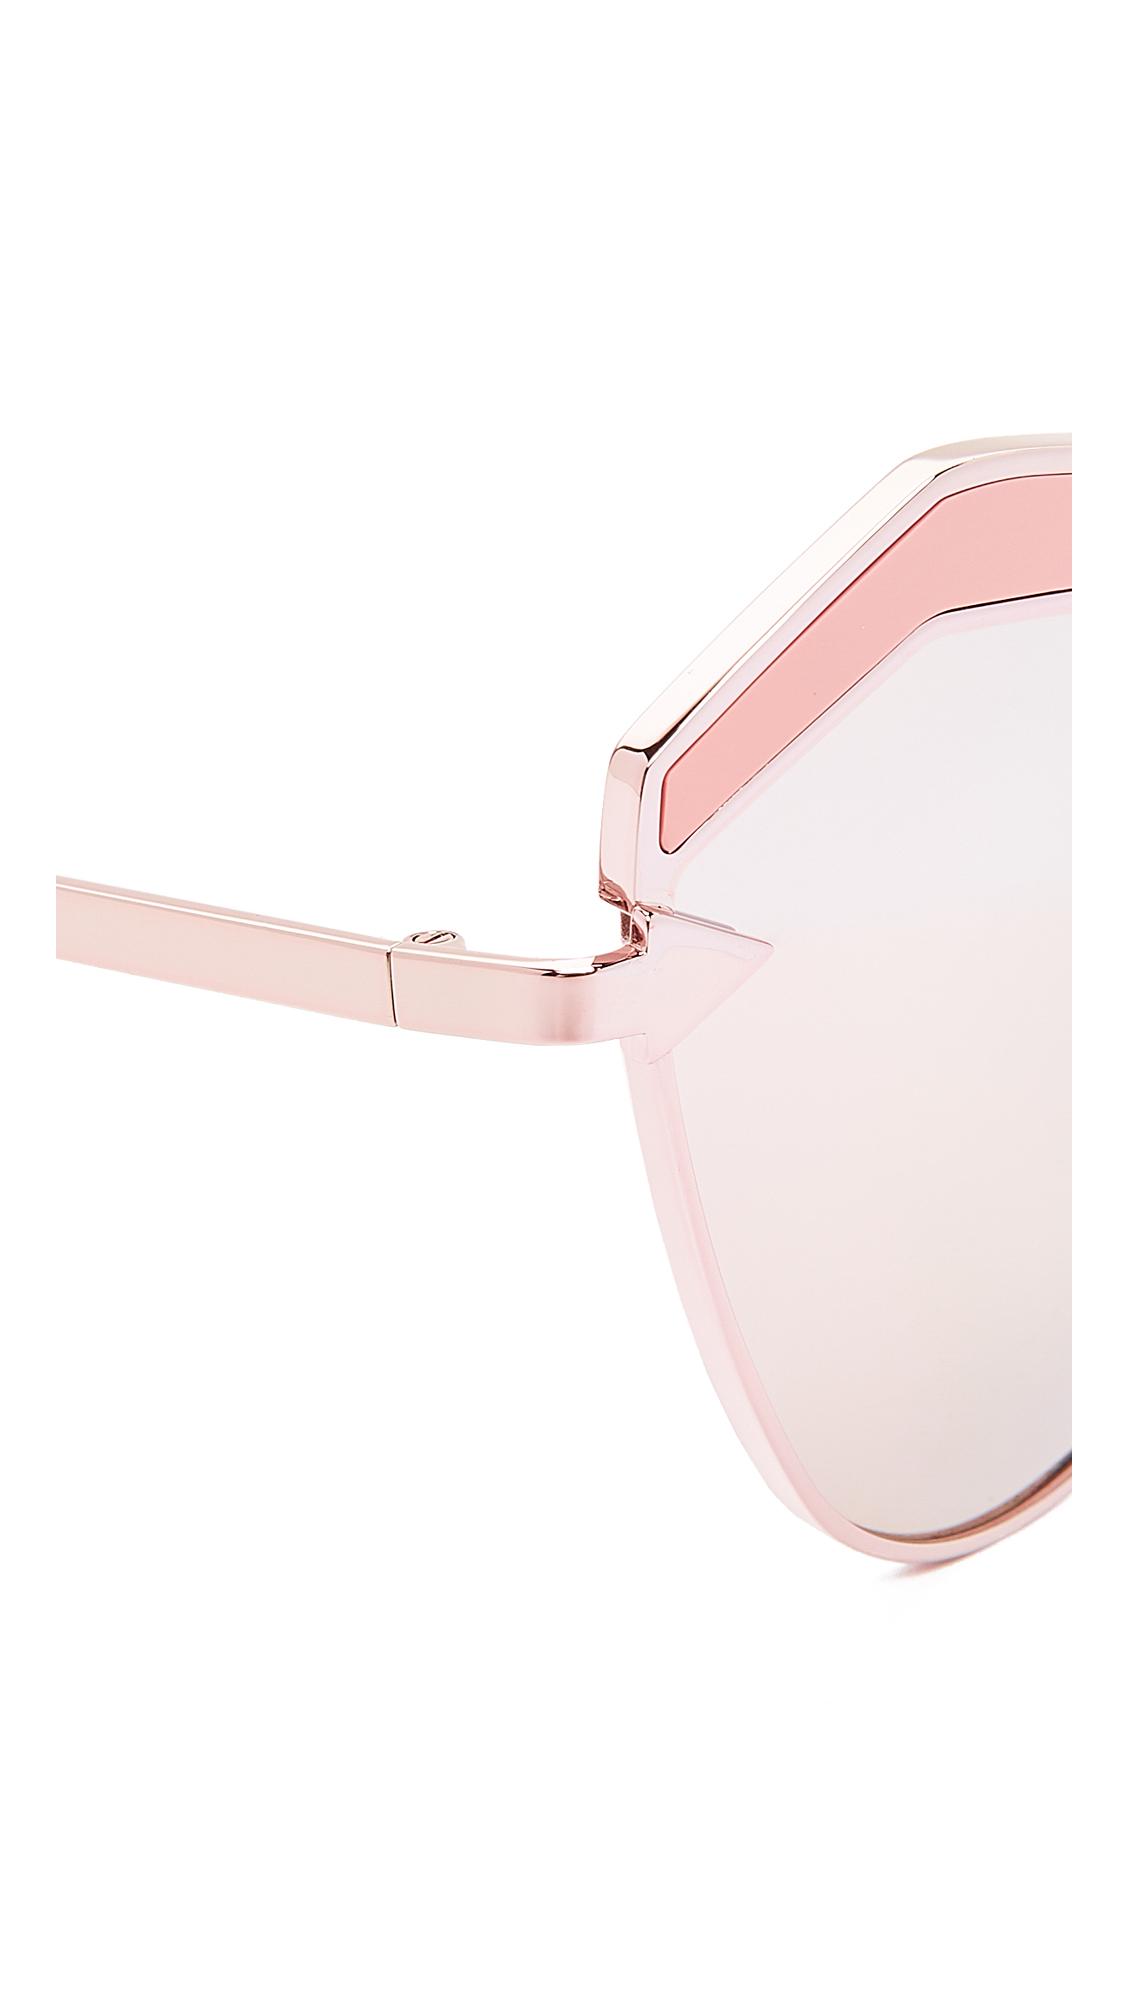 7758a90e9fe5 Karen Walker Jacinto Sunglasses